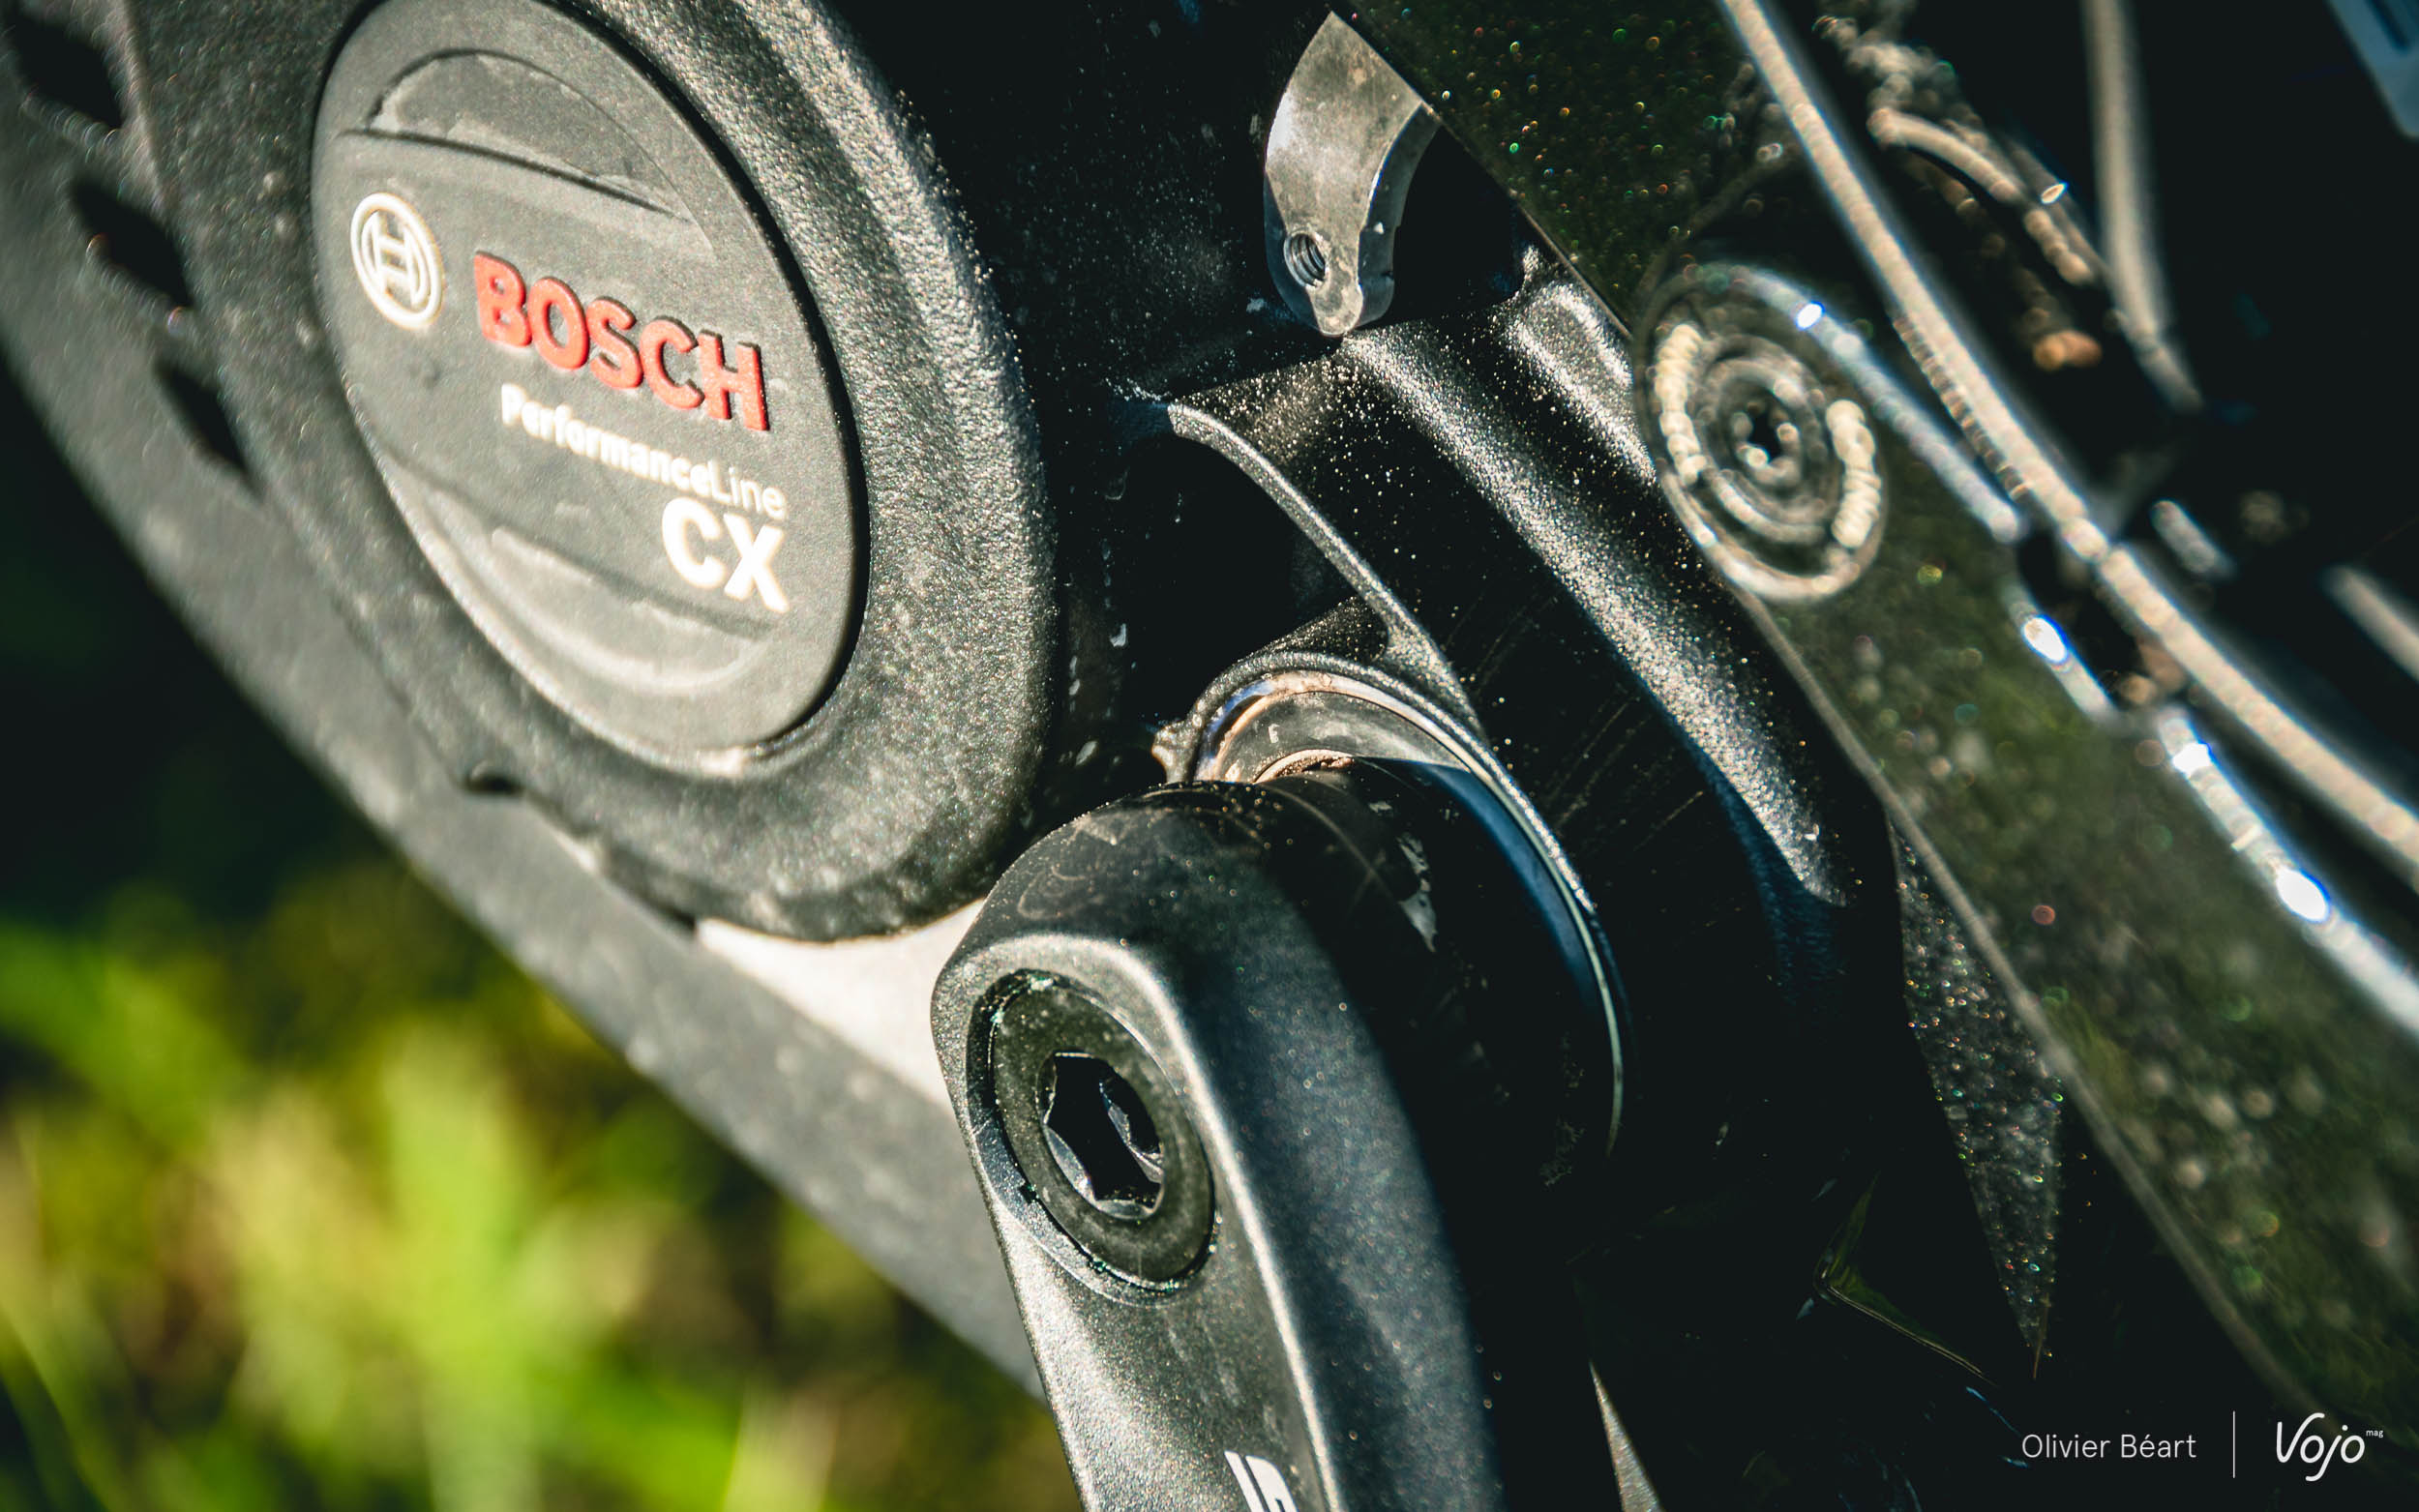 Bosch-Performance-CX-2020-nouveau-autono